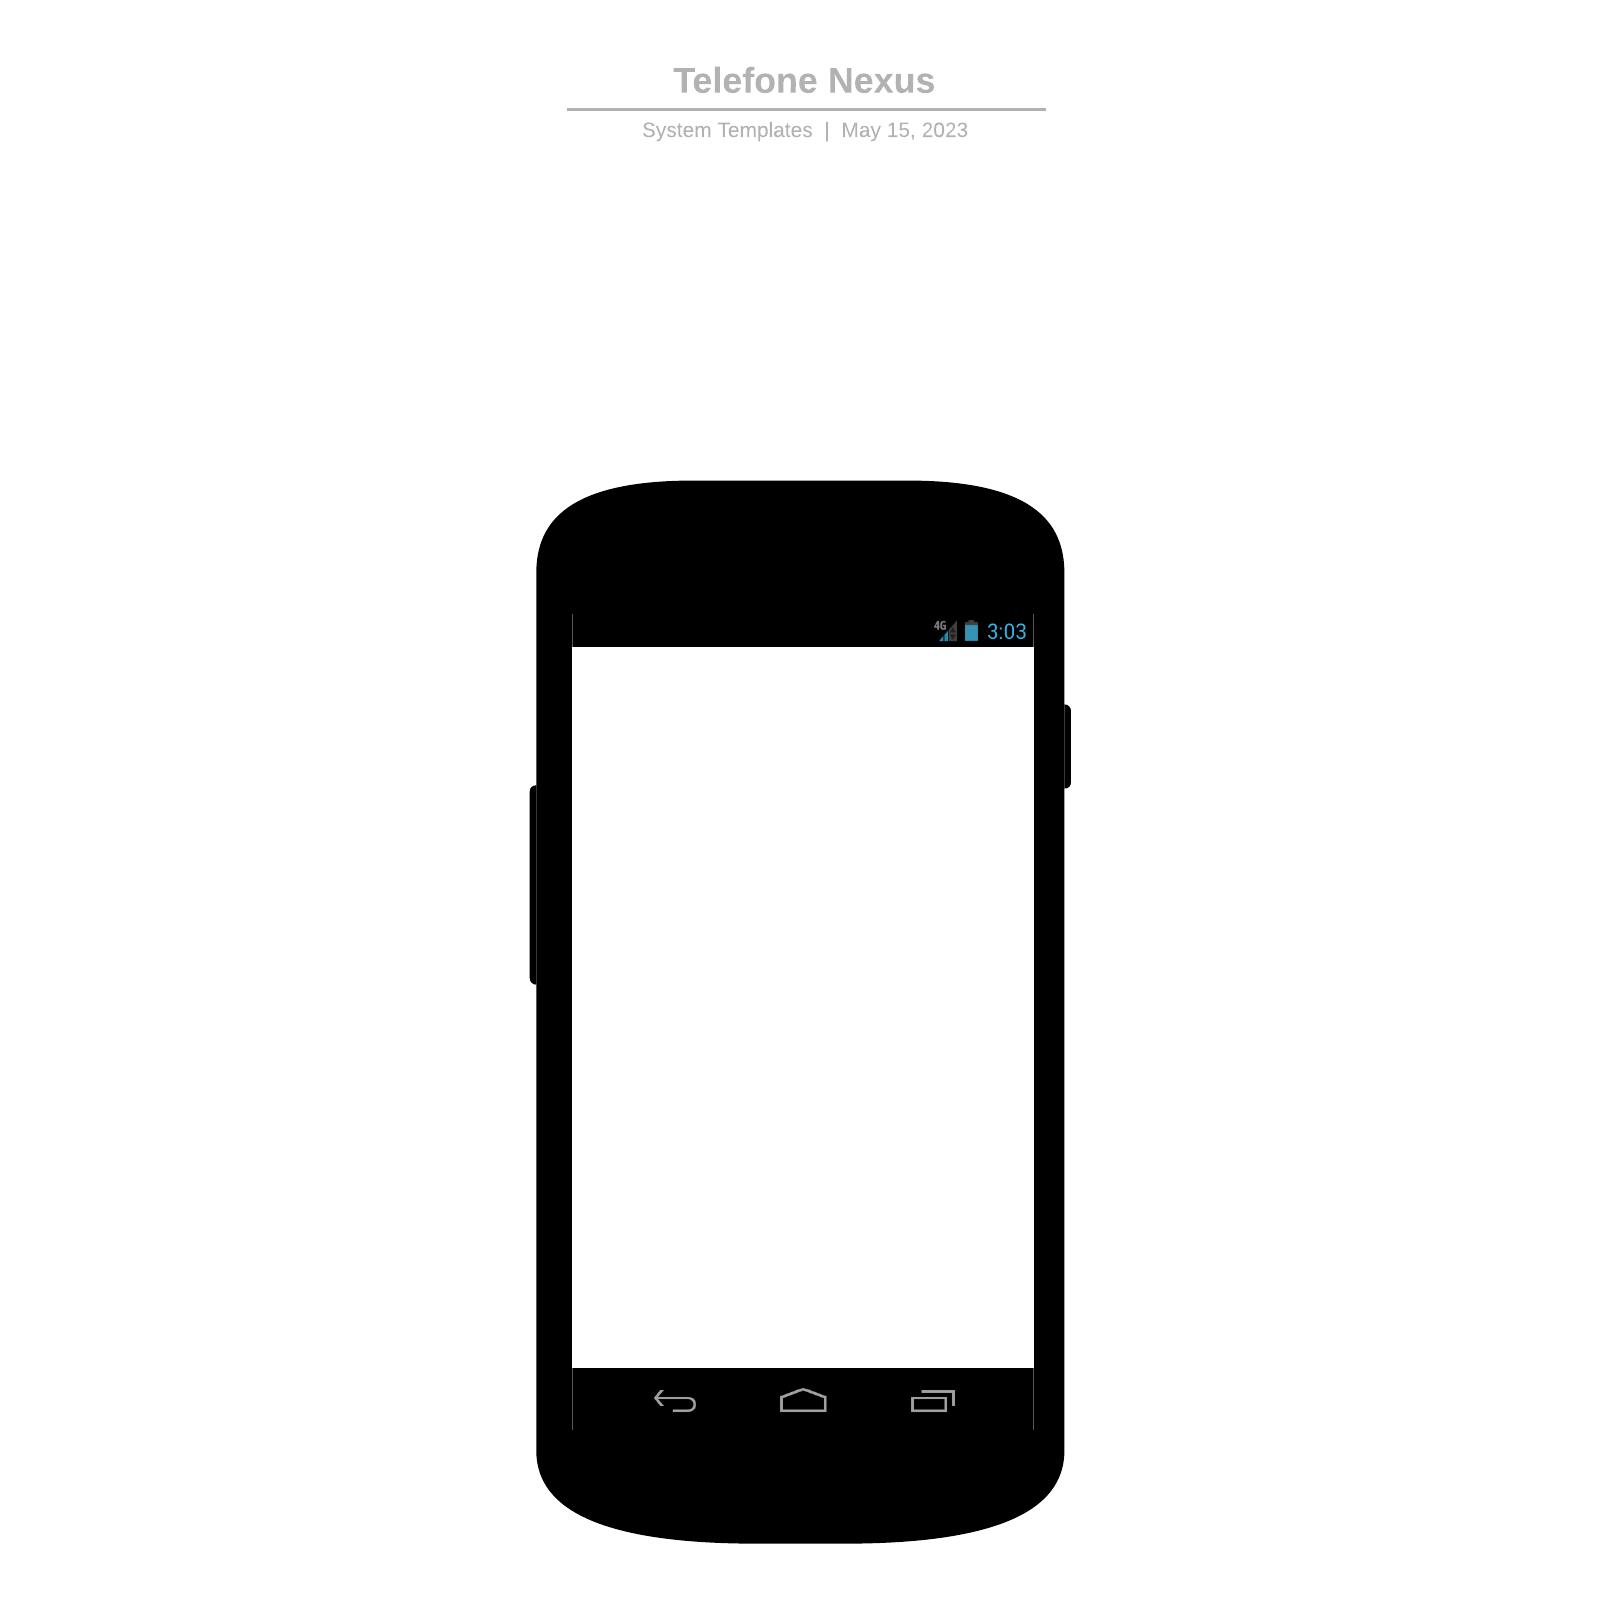 Mockup de smartphone Android Nexus